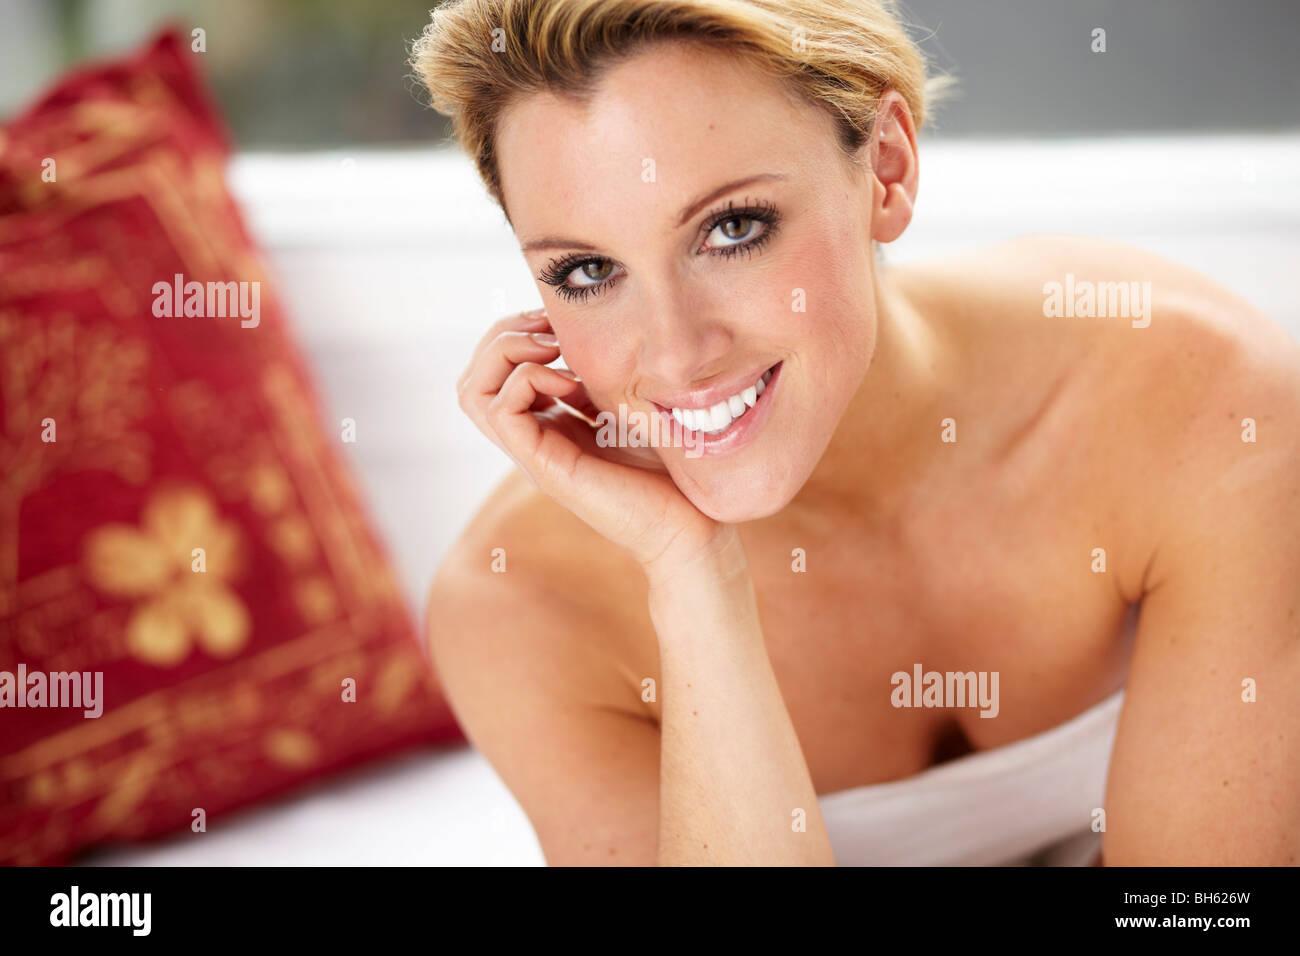 Ritratto di attraente donna bionda Immagini Stock